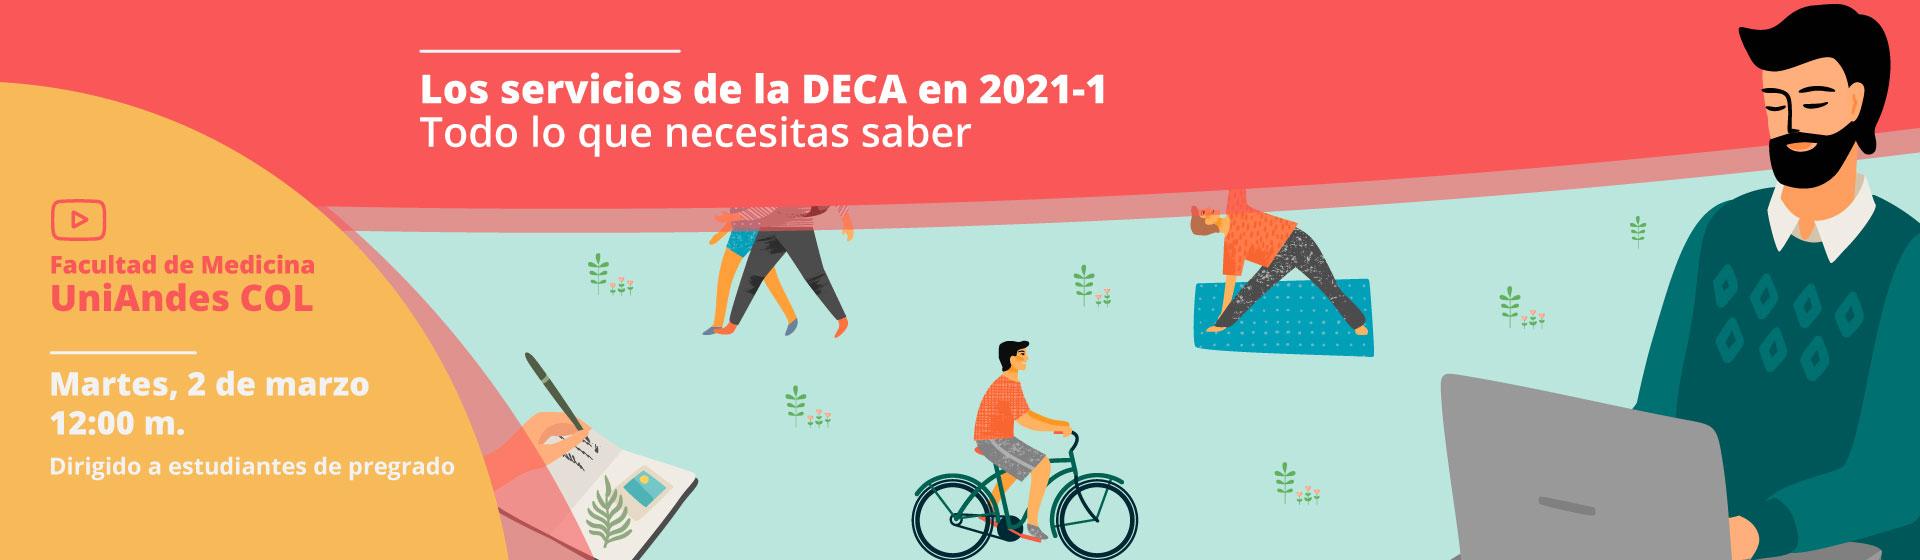 Servicios de la DECA en 2021-1... Todo lo que necesitas saber